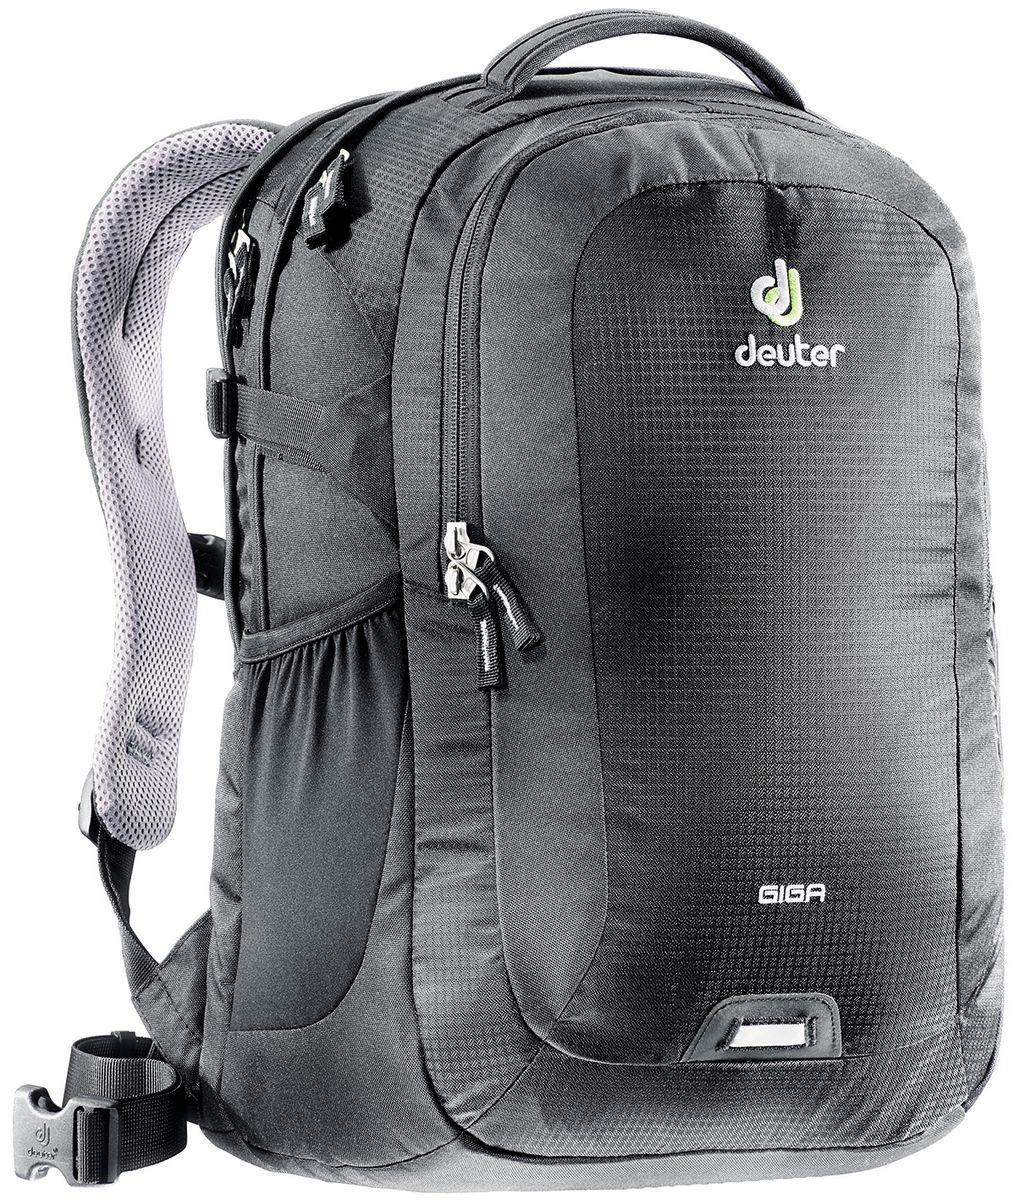 Рюкзак Deuter Daypacks Giga, цвет: черный, 28л рюкзак deuter daypacks giga цвет черный 28л